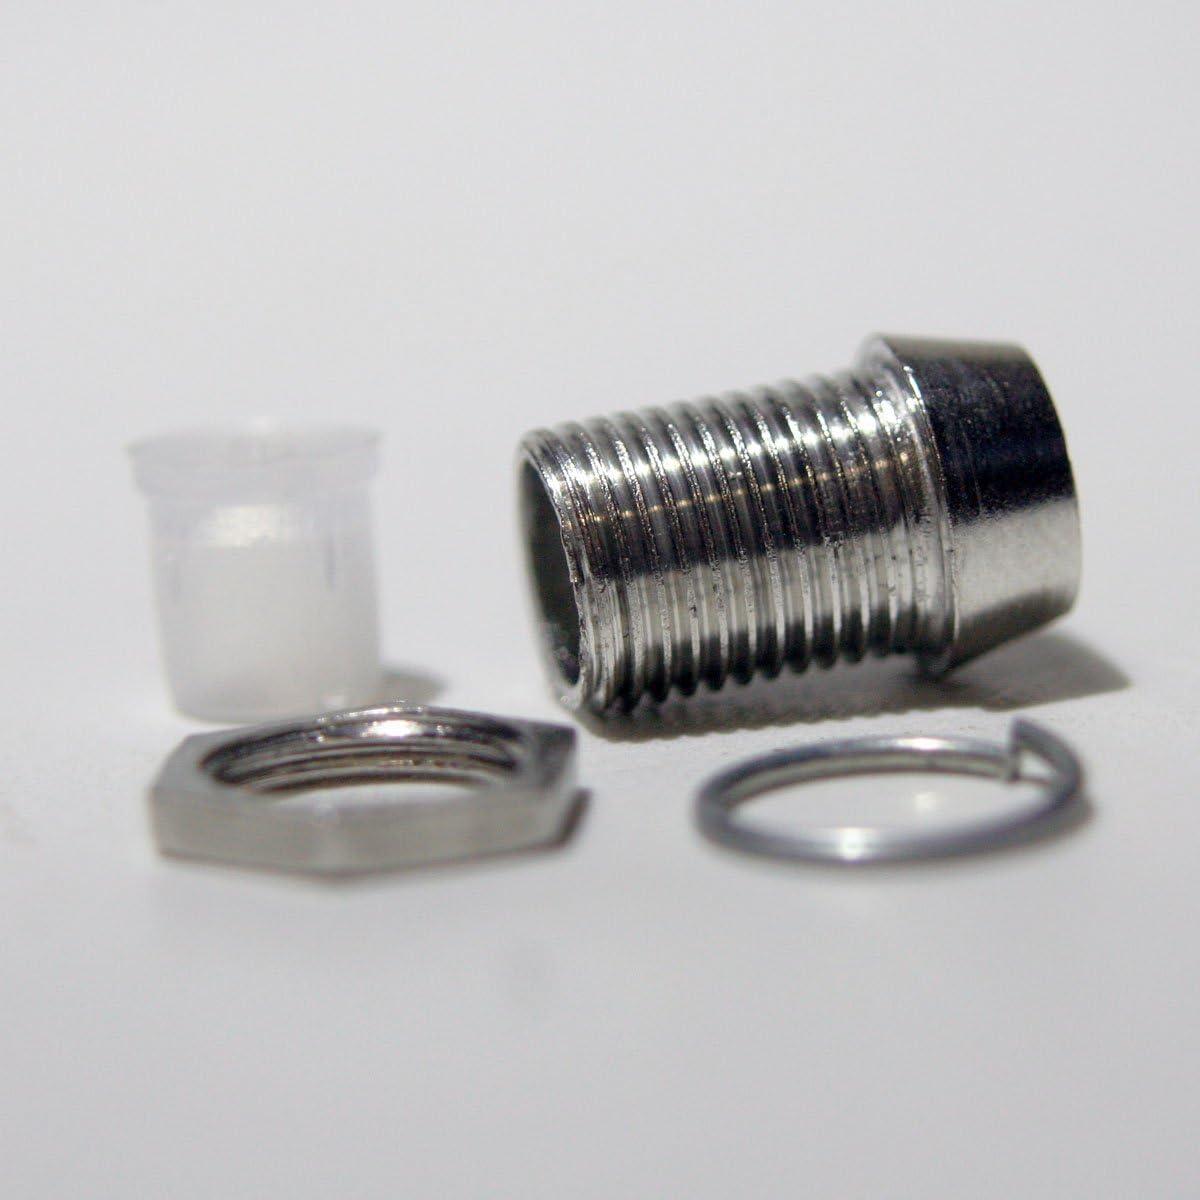 World Trading Net 20 Metallfassungen Schraube Für 5mm Elektronik